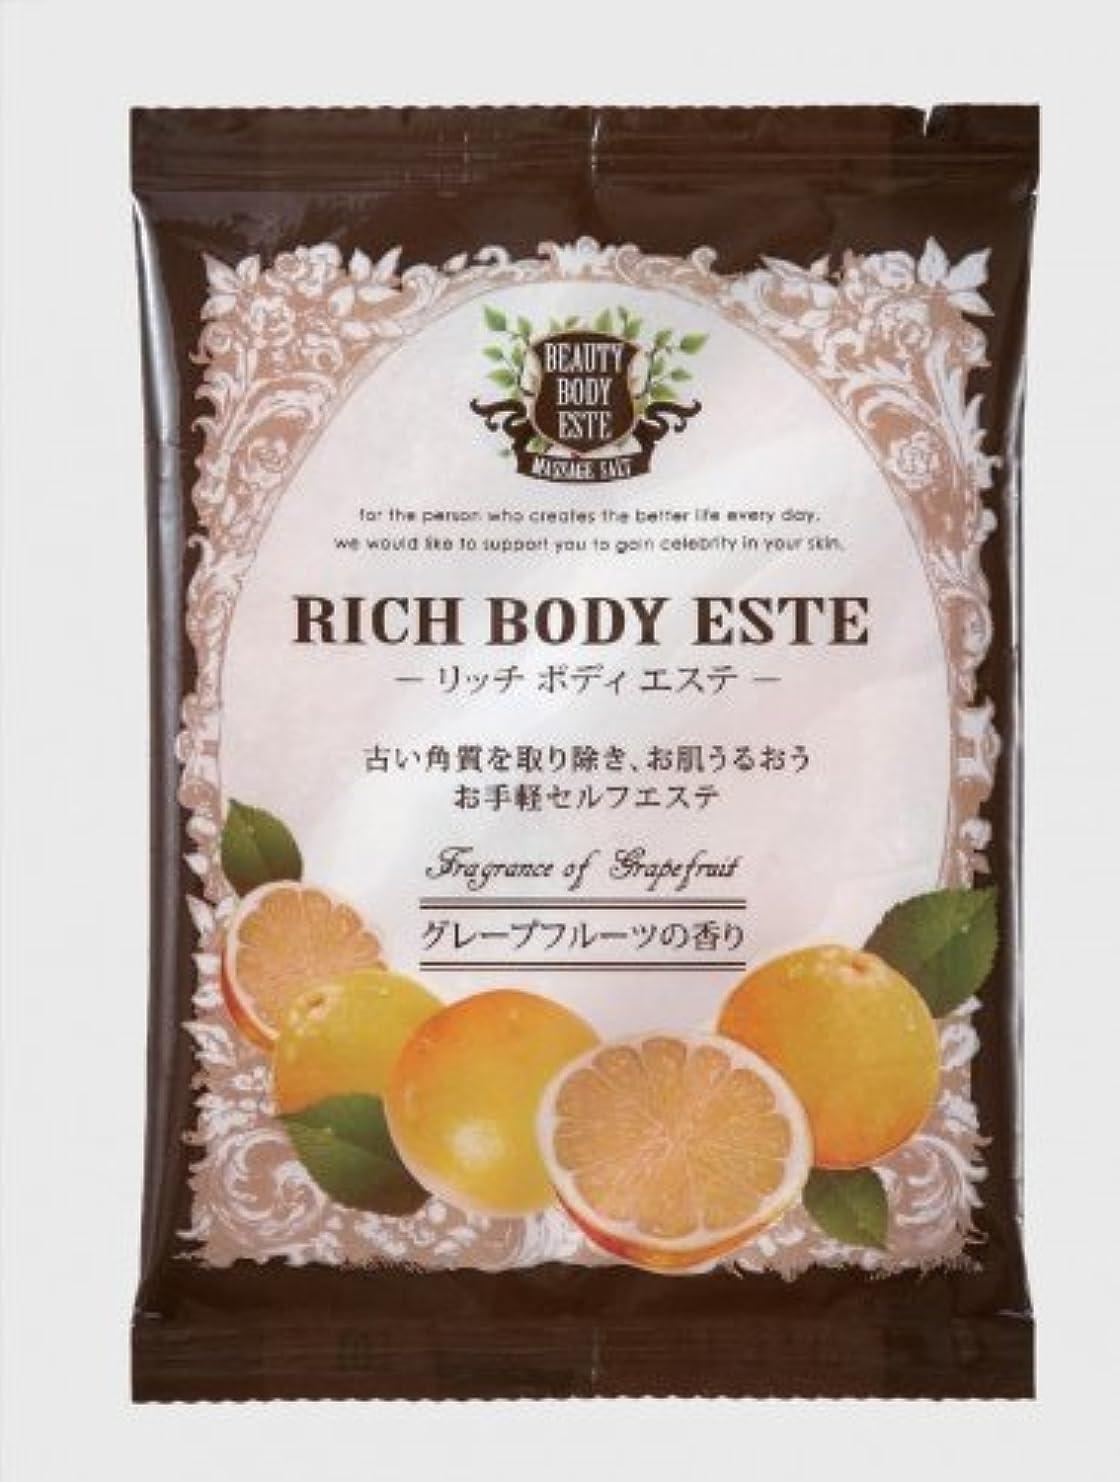 実行人物ペンダントリッチボディエステ マッサージソルト(グレープフルーツの香り)50g (フラワー系)